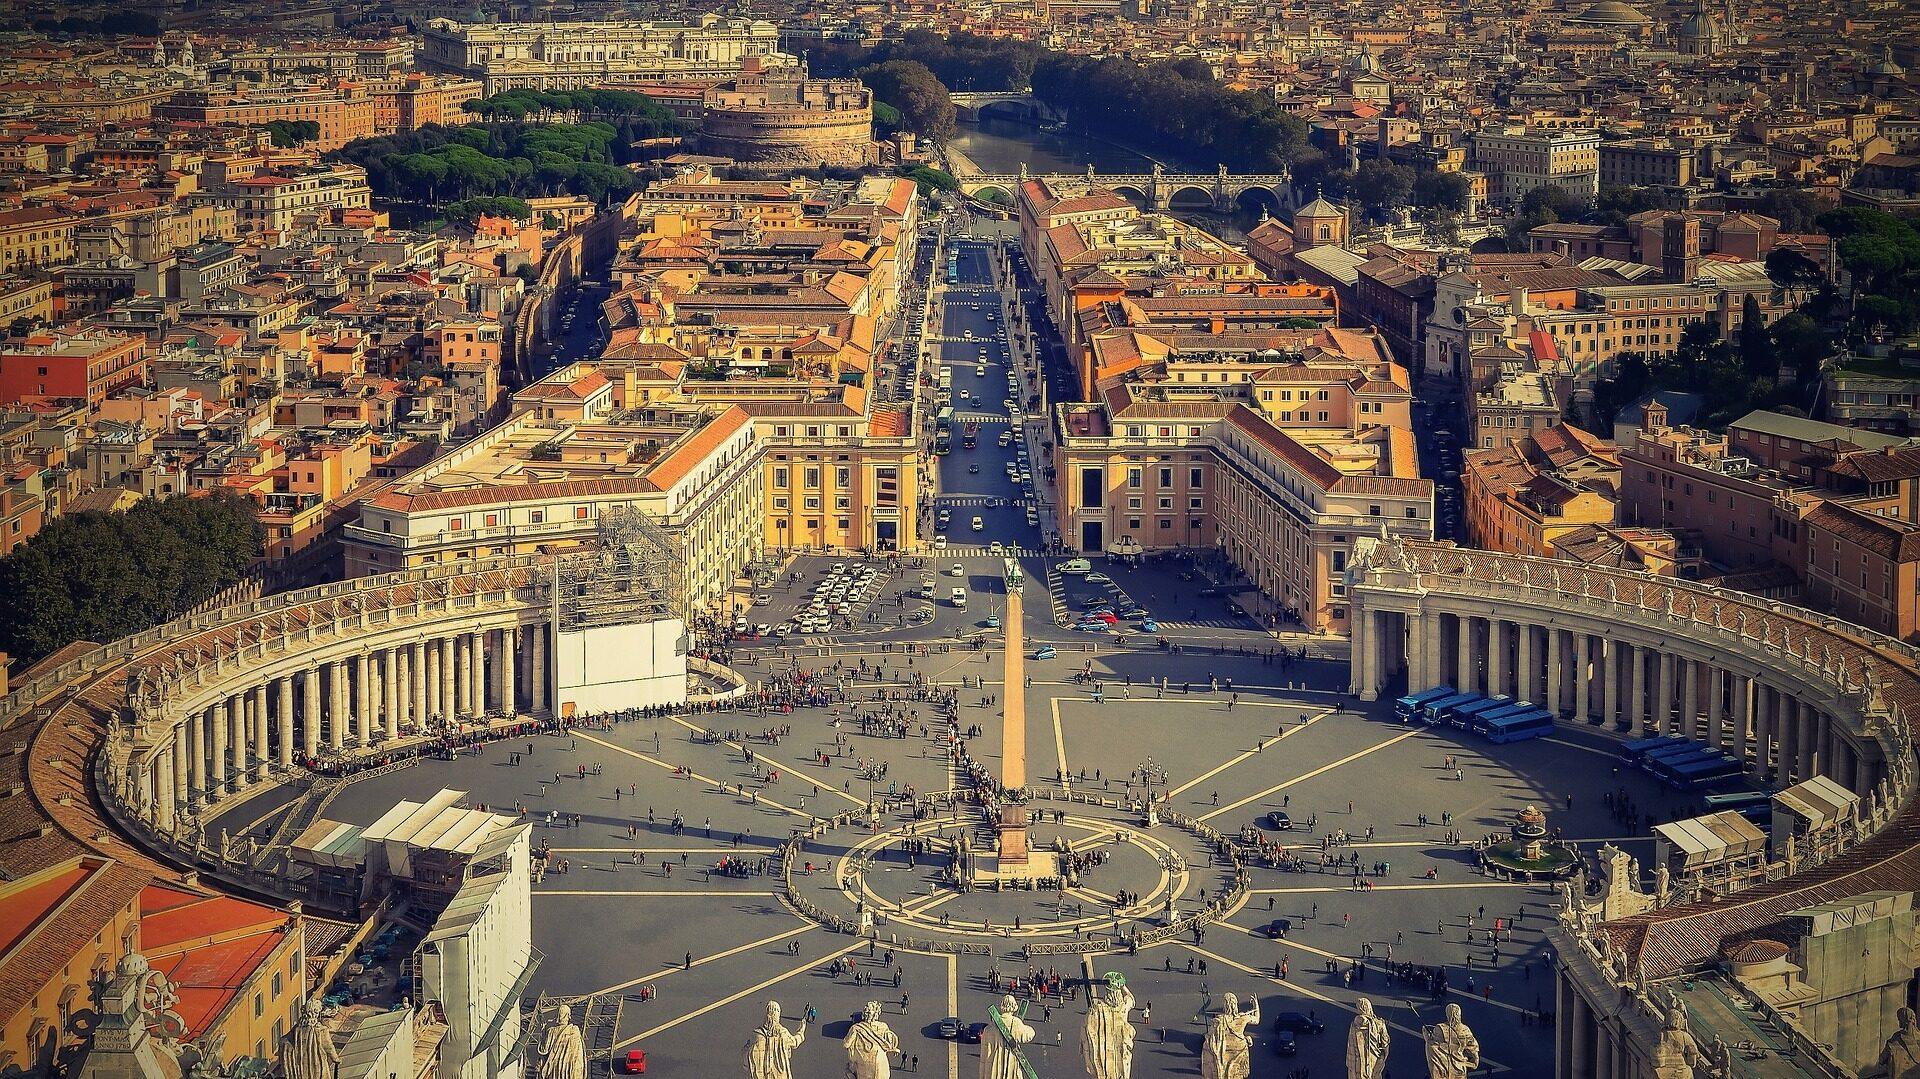 Vatican city overhead